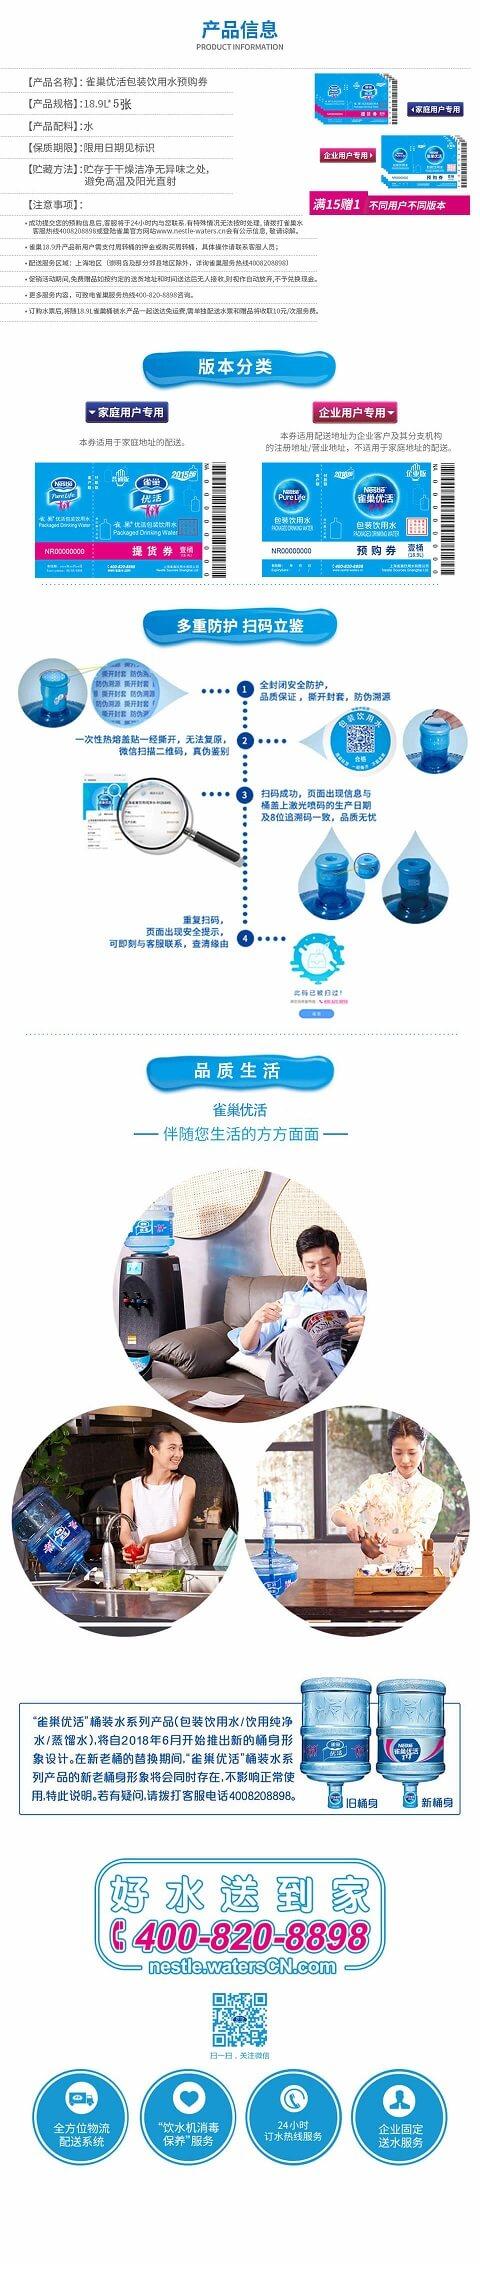 baozhuang5detail.jpg